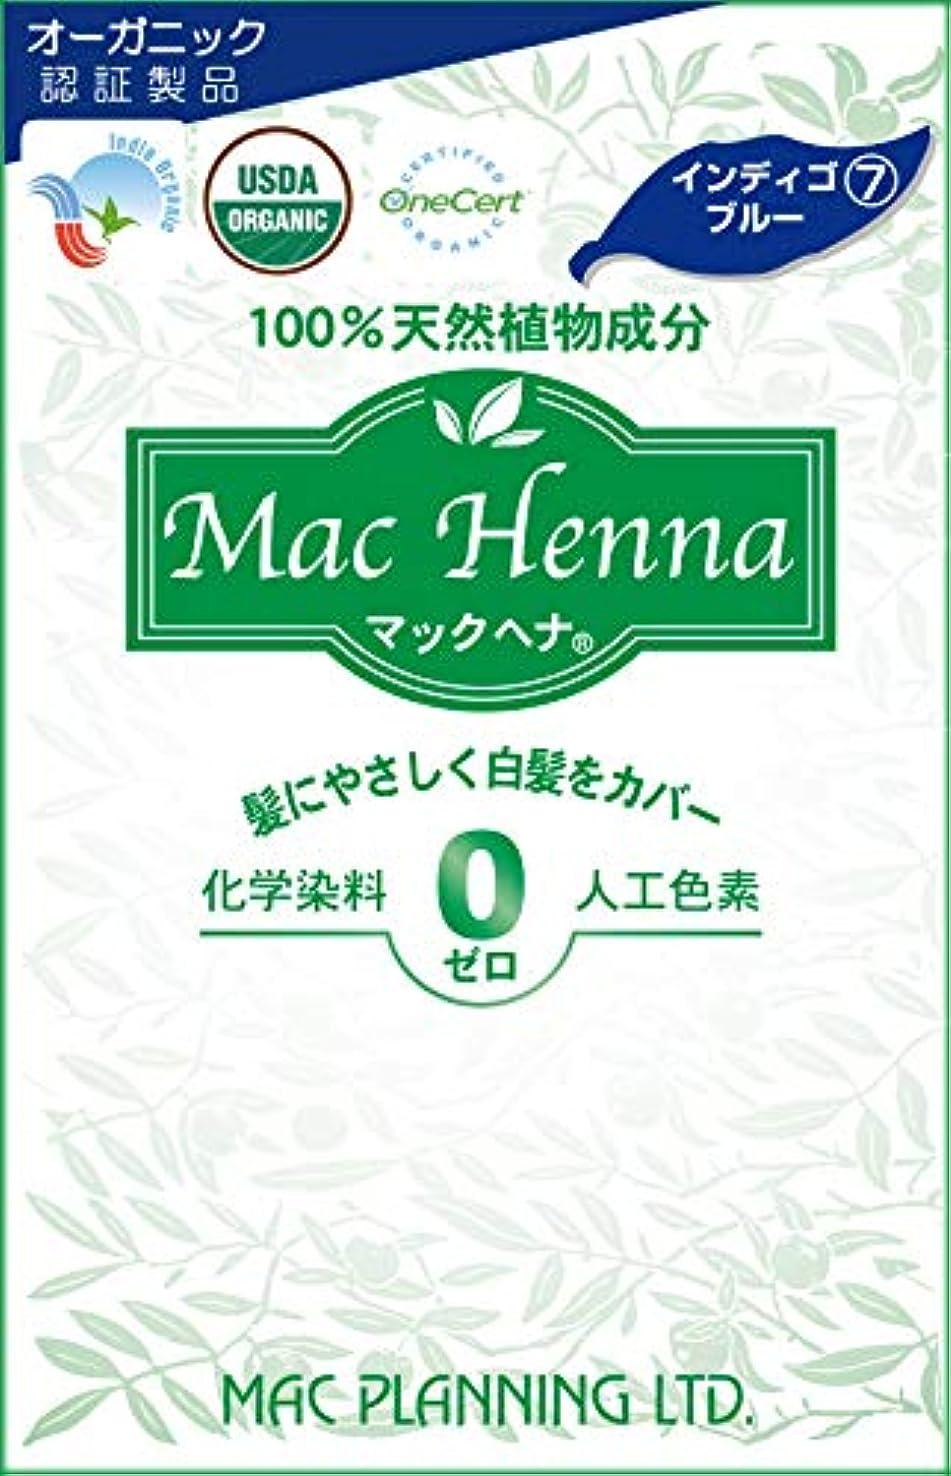 前投薬農民恐怖症マックヘナ インディゴブルー50g+50g(インディゴ100%) 100%天然